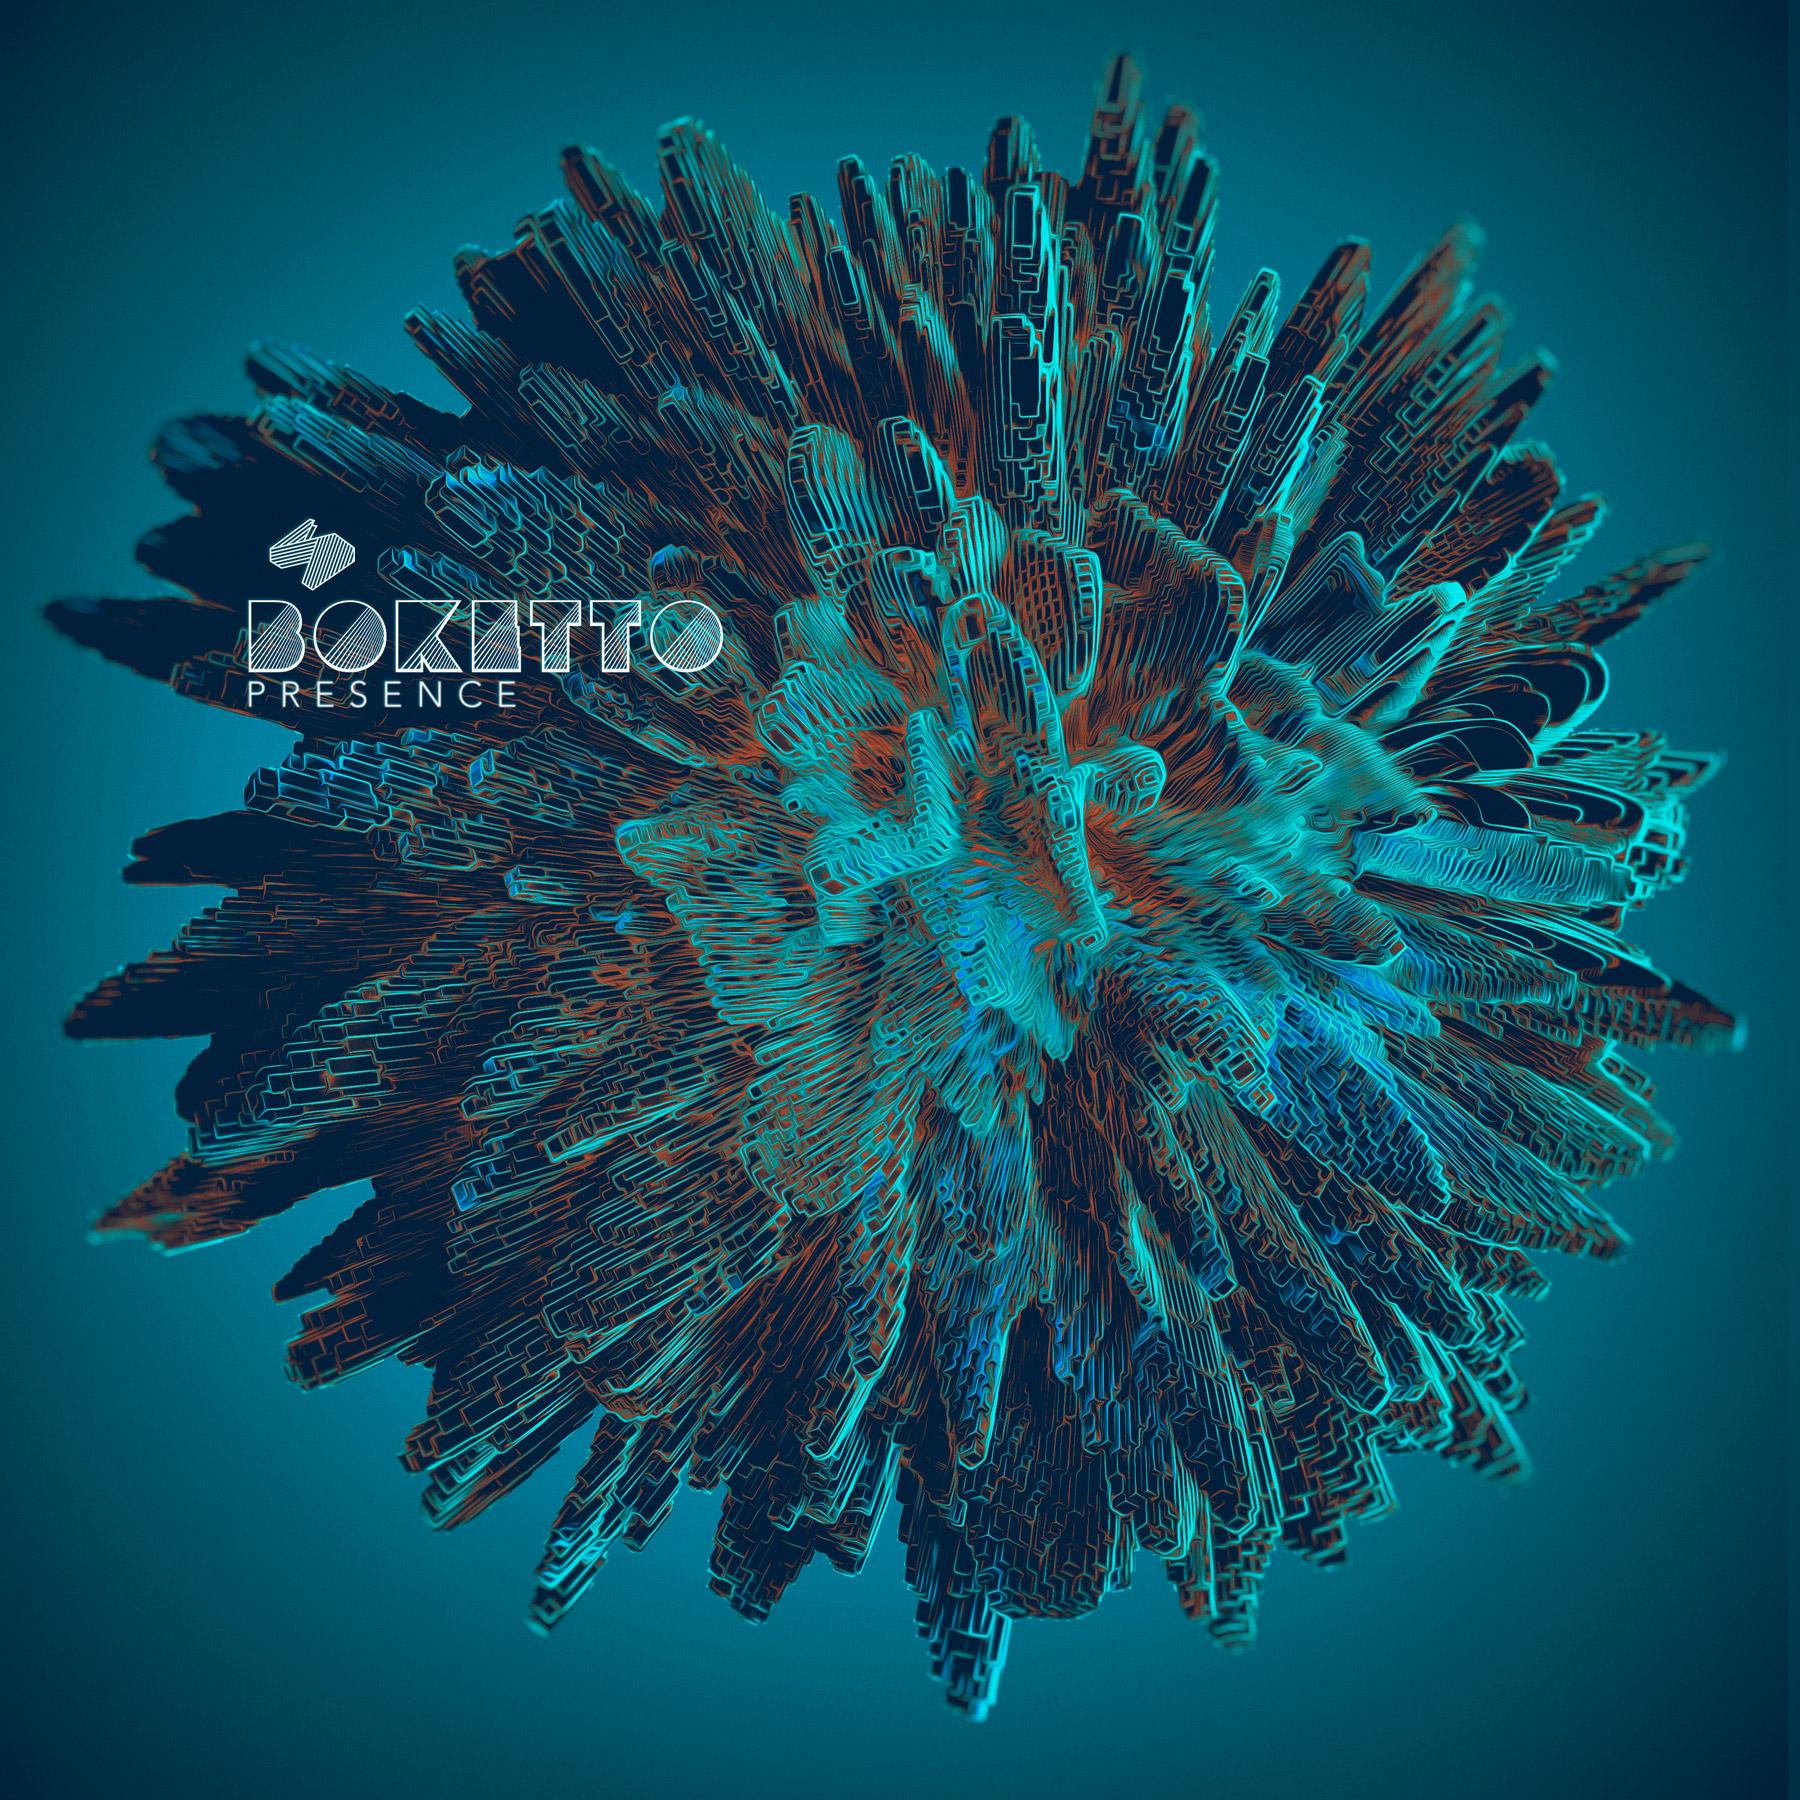 Boketto «Presence» EP